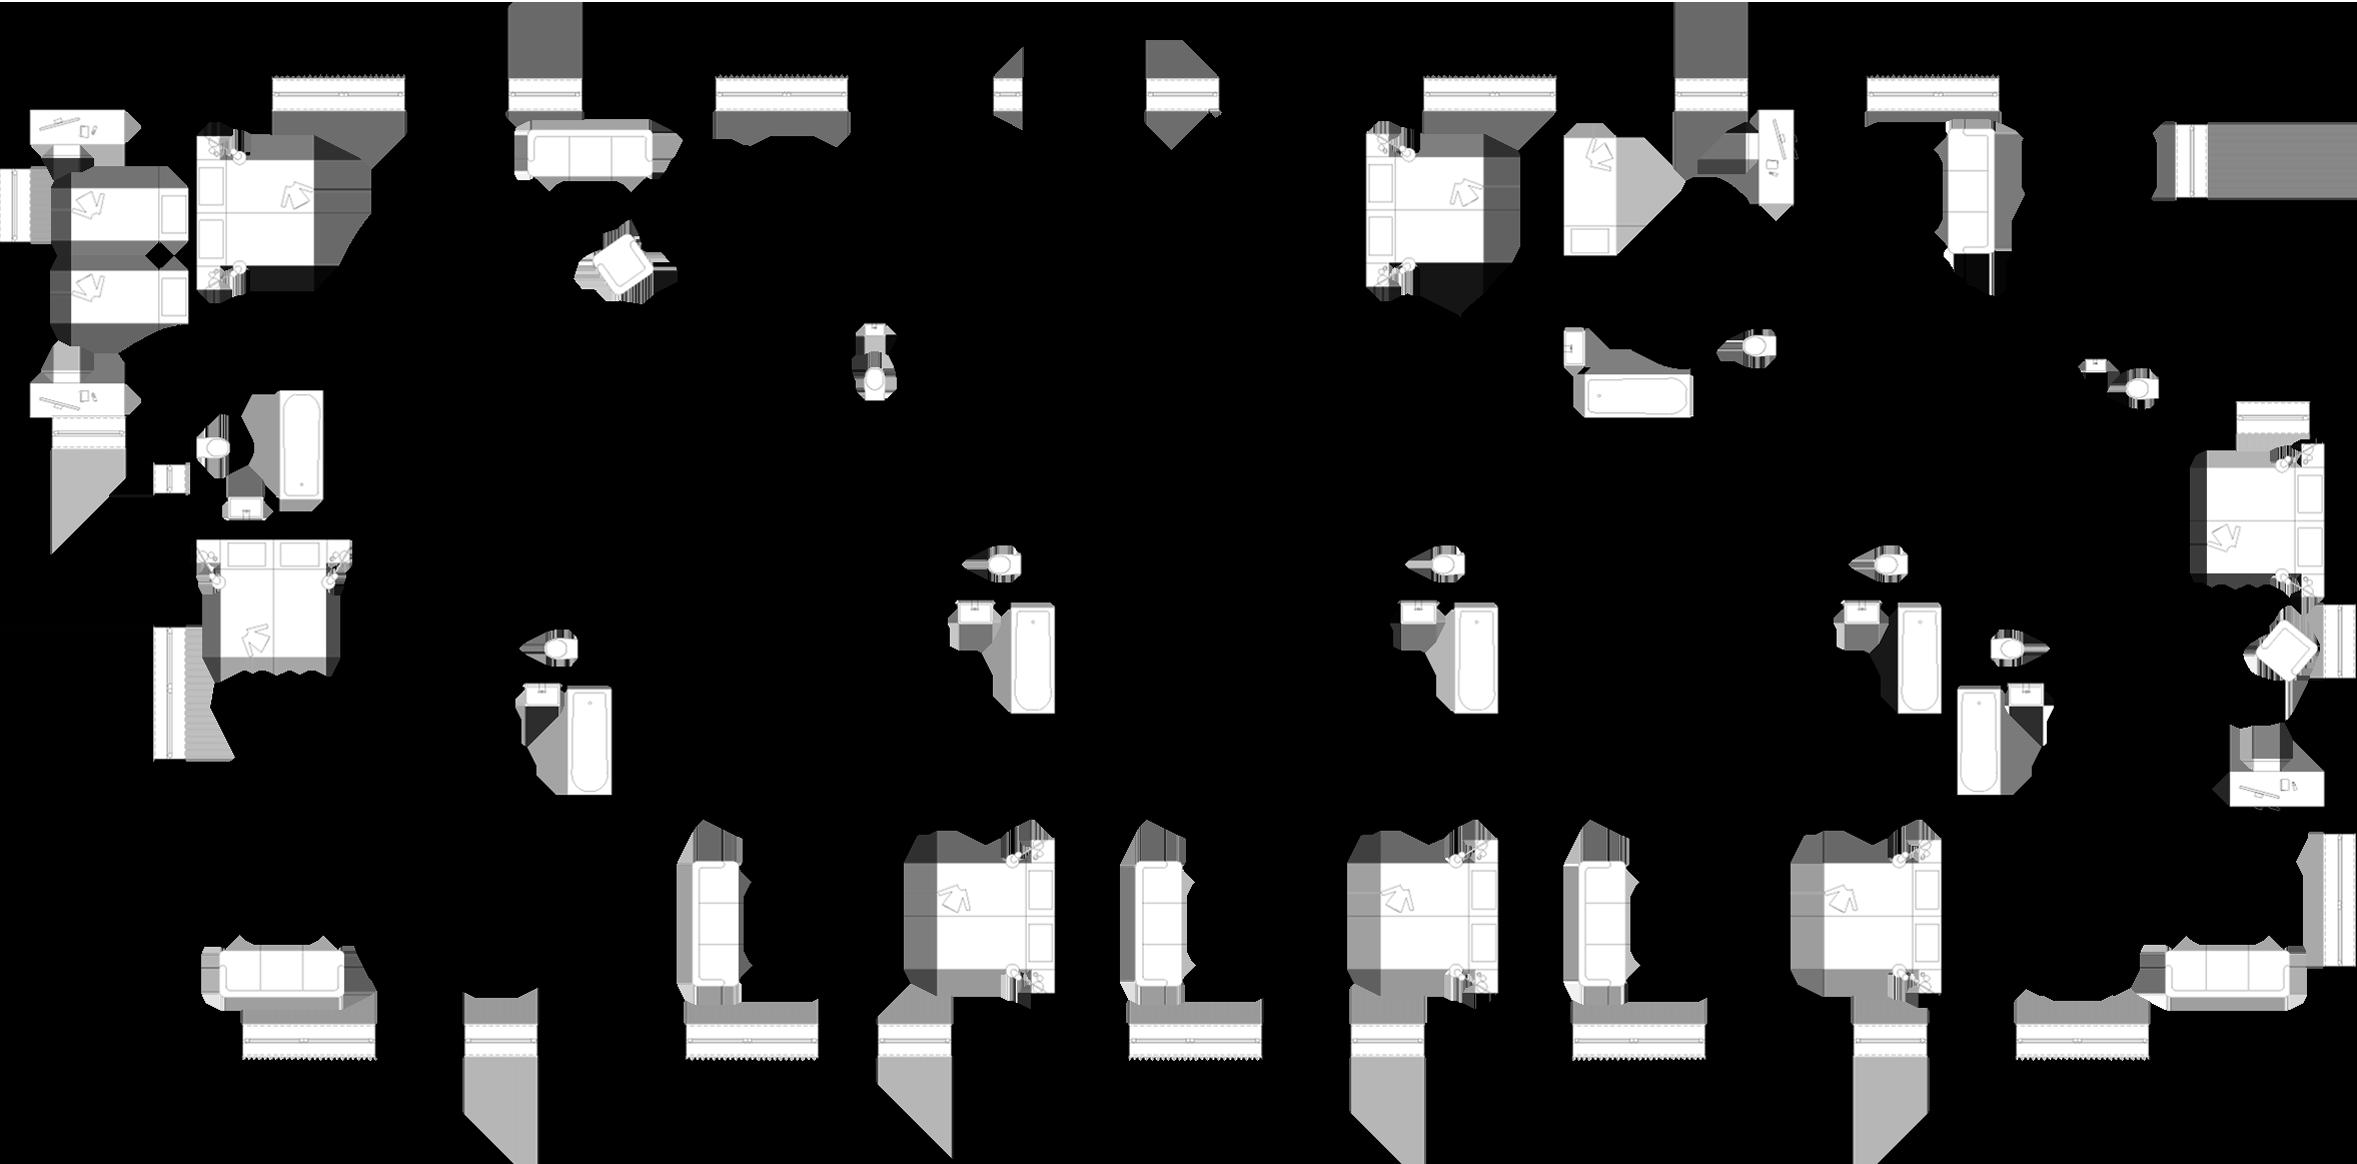 SO-01.A3 – 1. NP